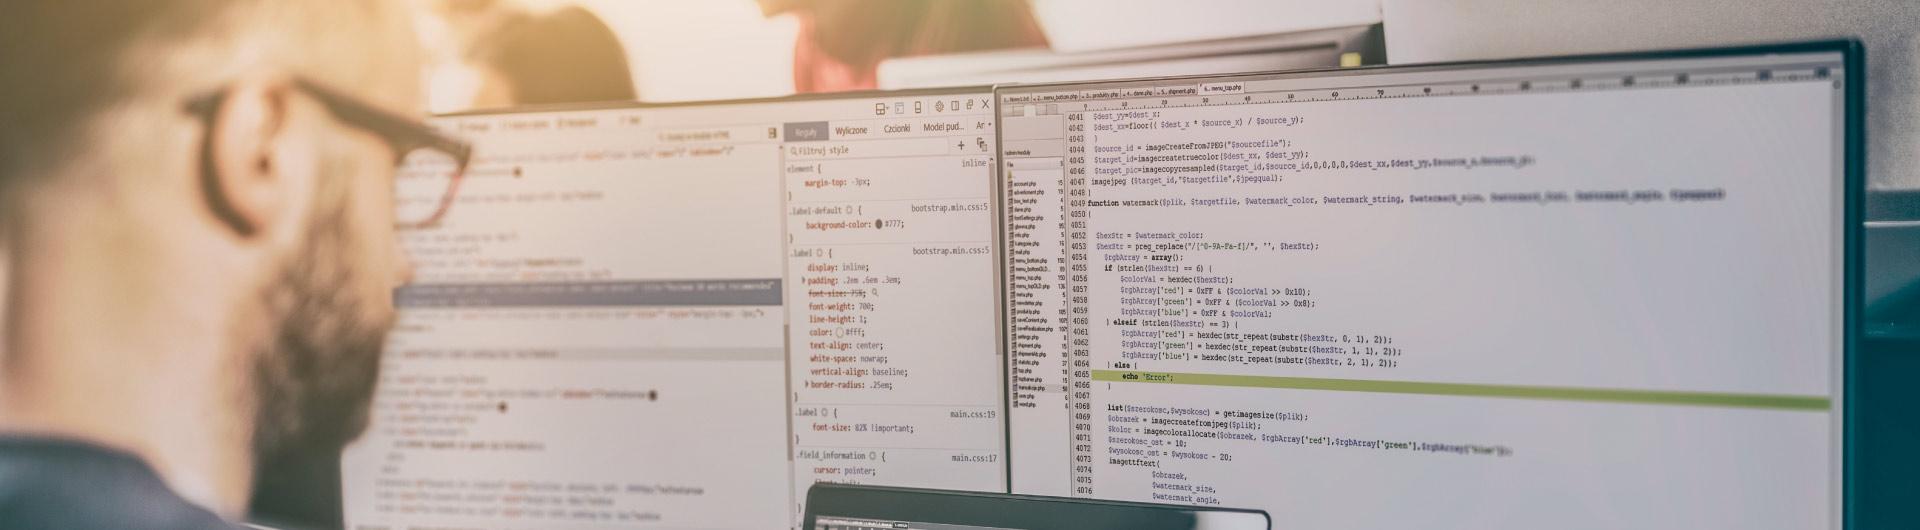 Curso de Administración de Base de Datos y Computación